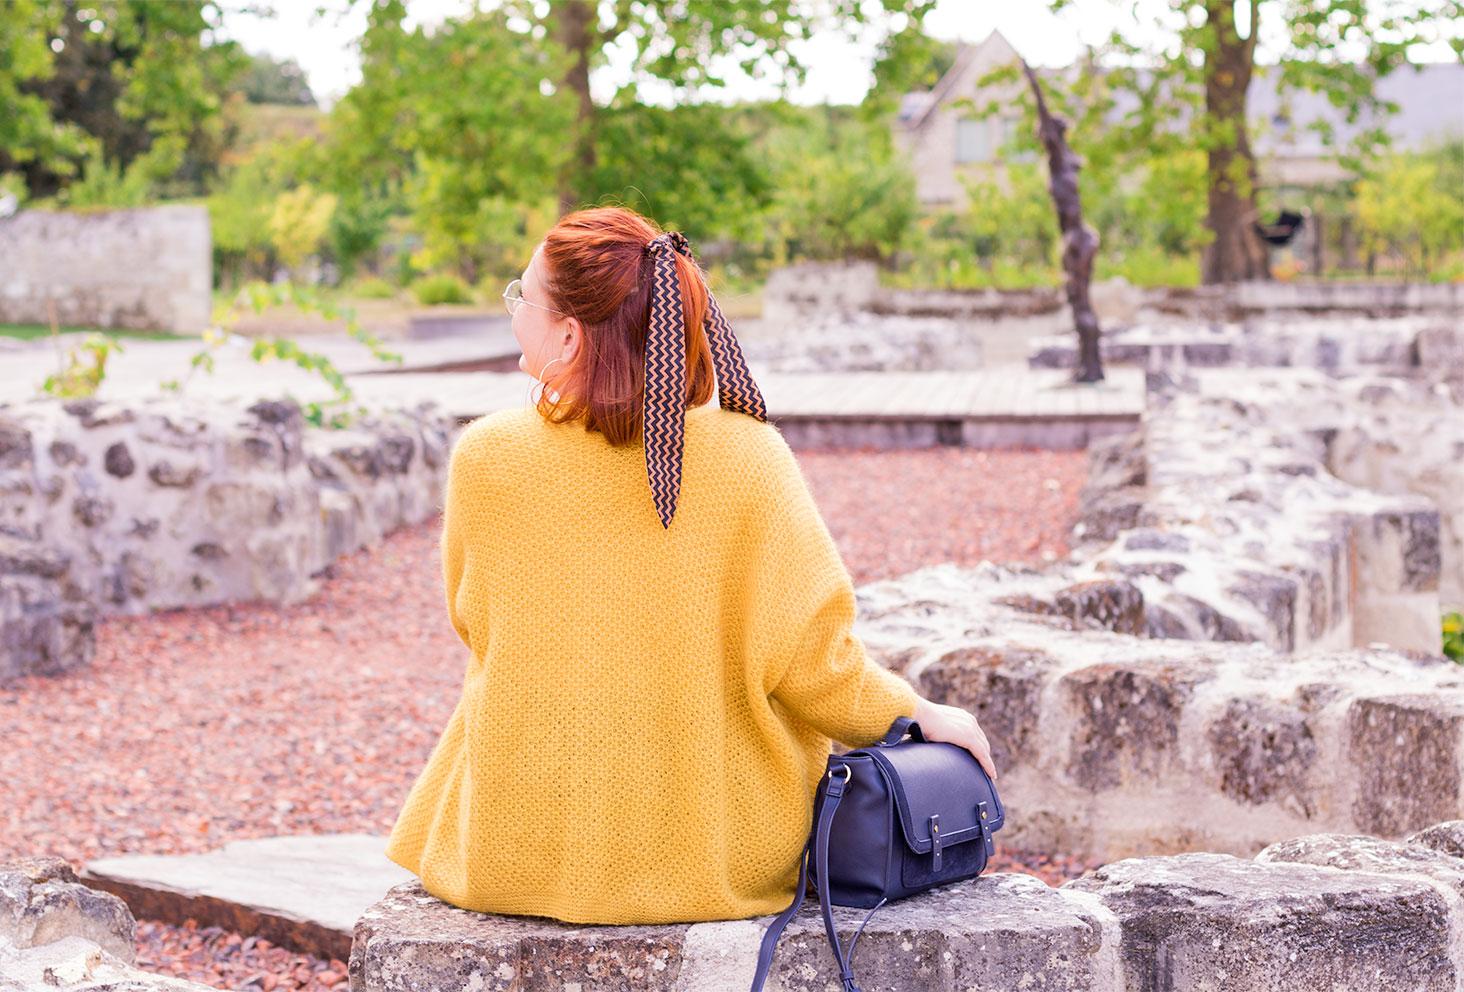 Assise de dos au milieu des ruines en pierre, en gilet jaune